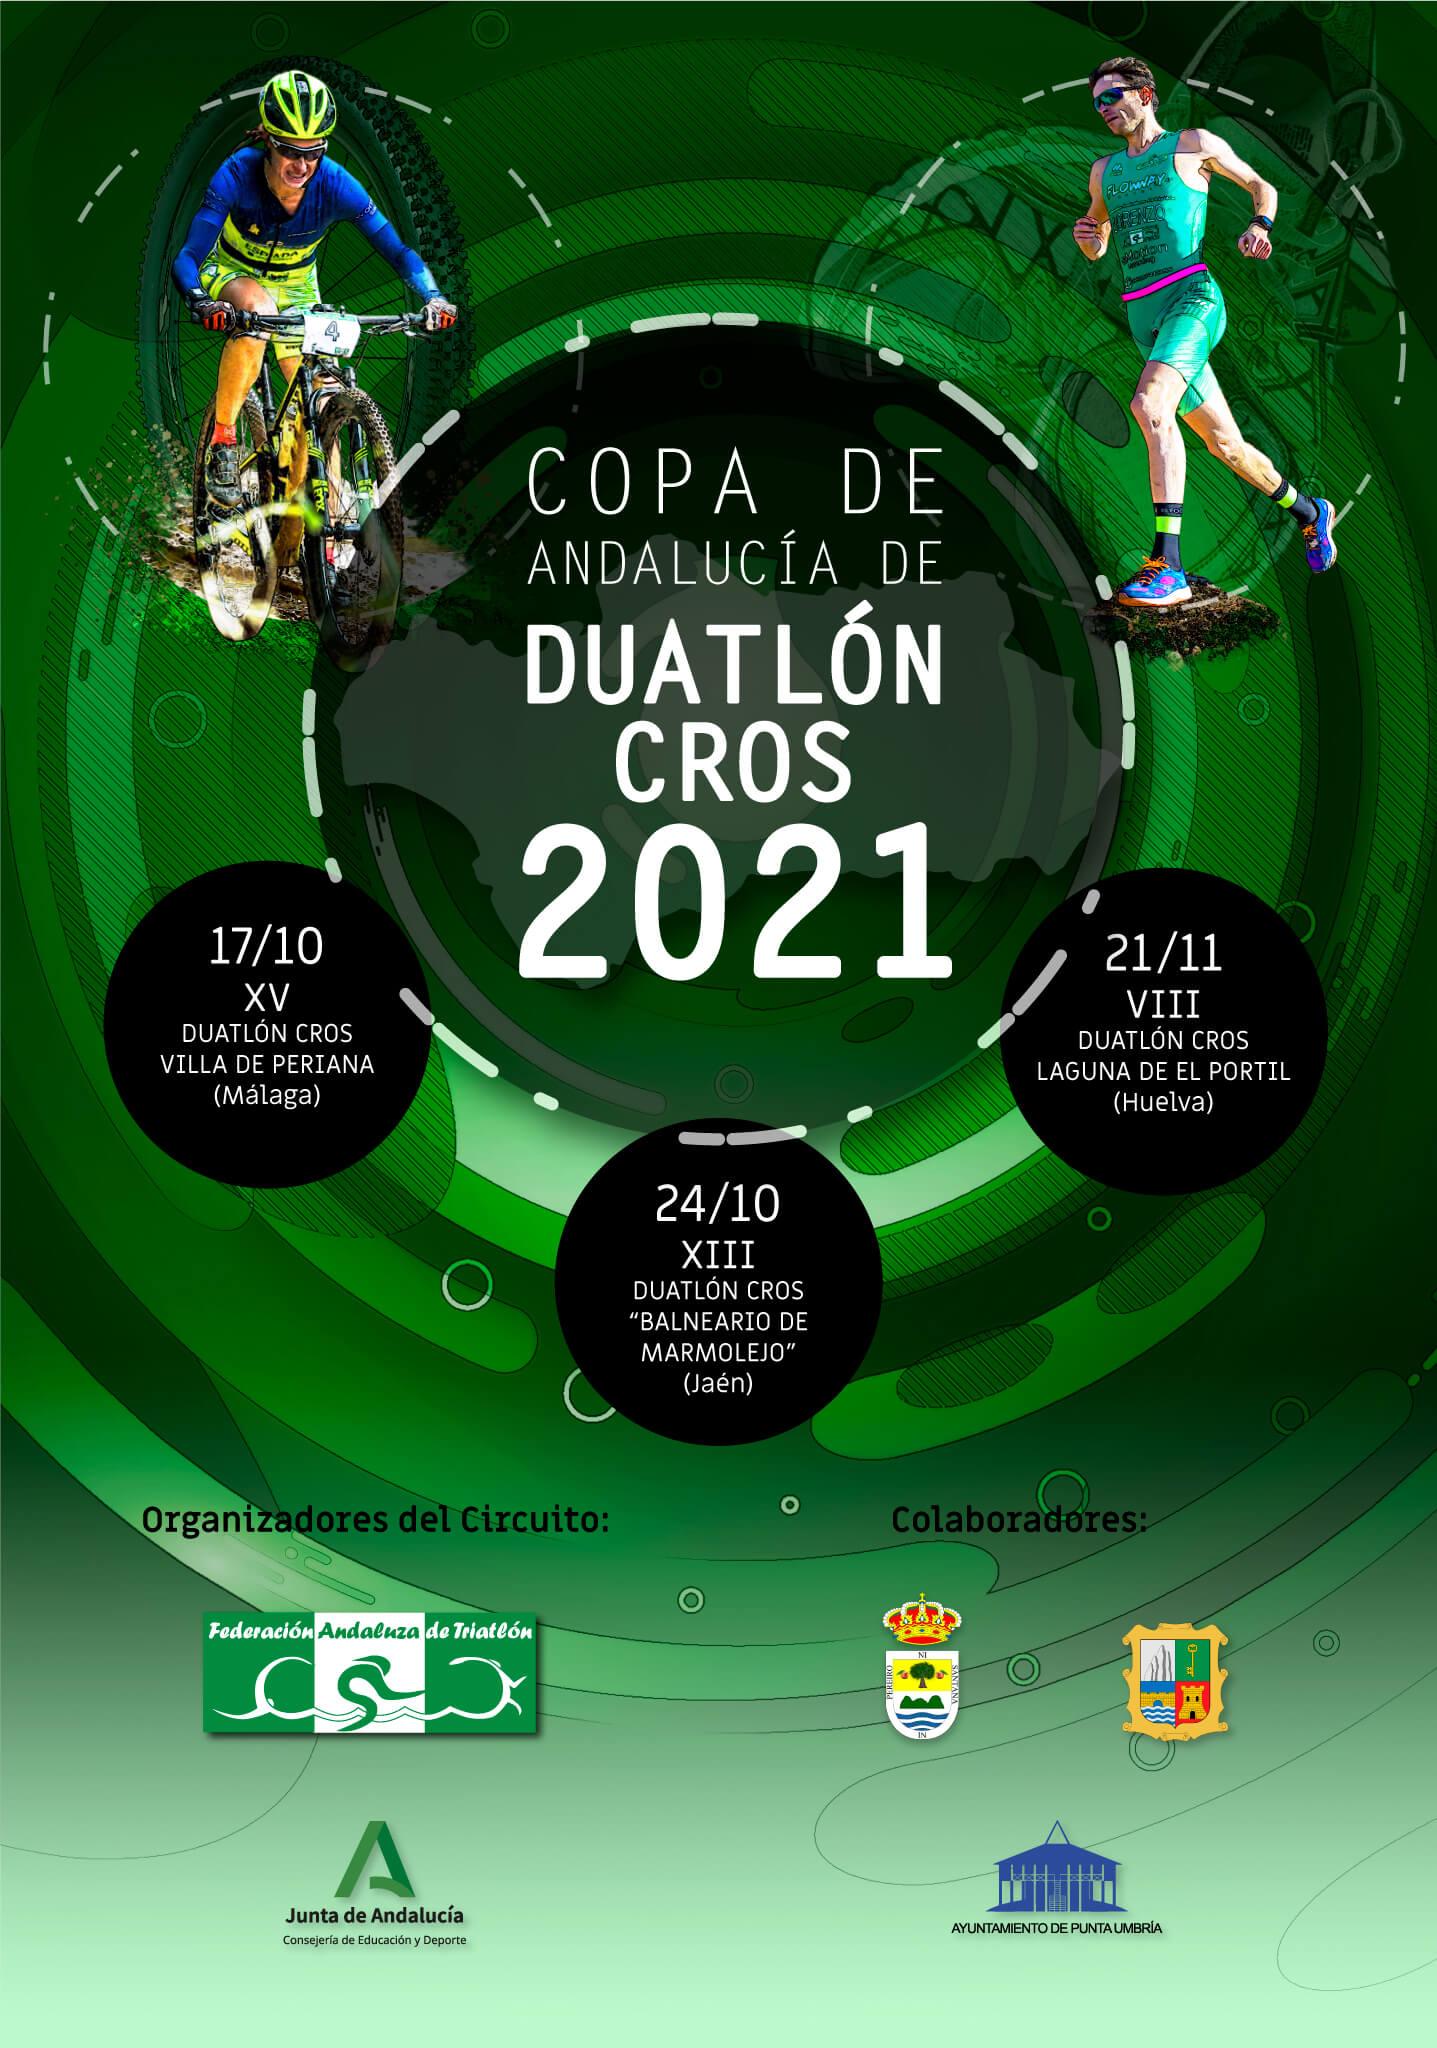 La Copa de Andalucía de Duatlón Cros 2021 contará finalmente con tres pruebas